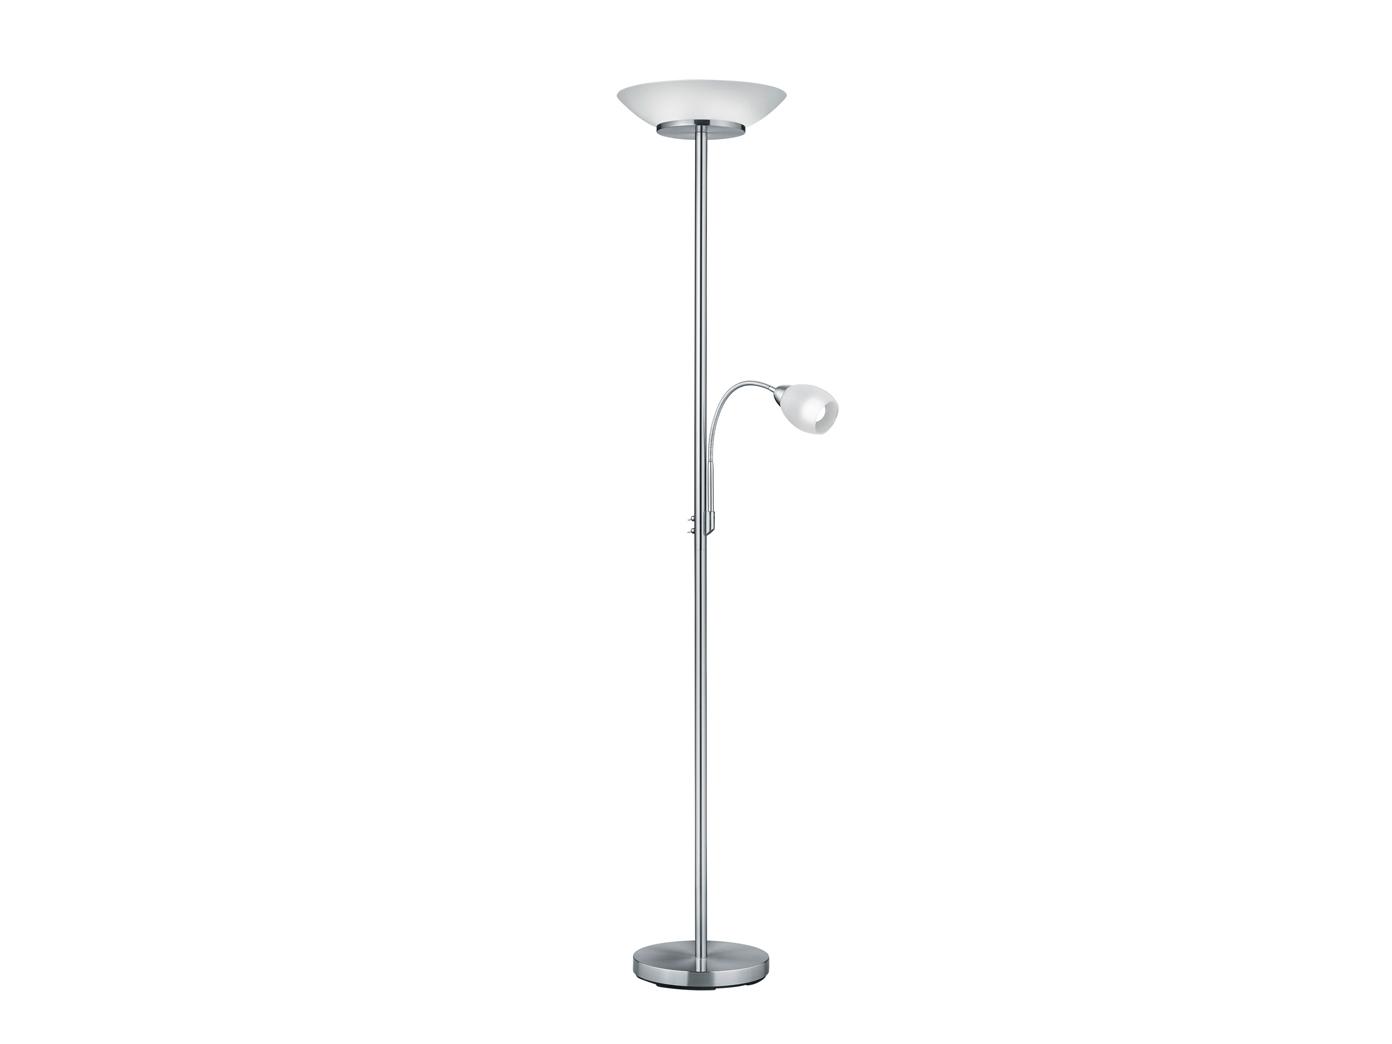 Stehlampe mit Deckenfluter + flex Lesearm getrennt ...